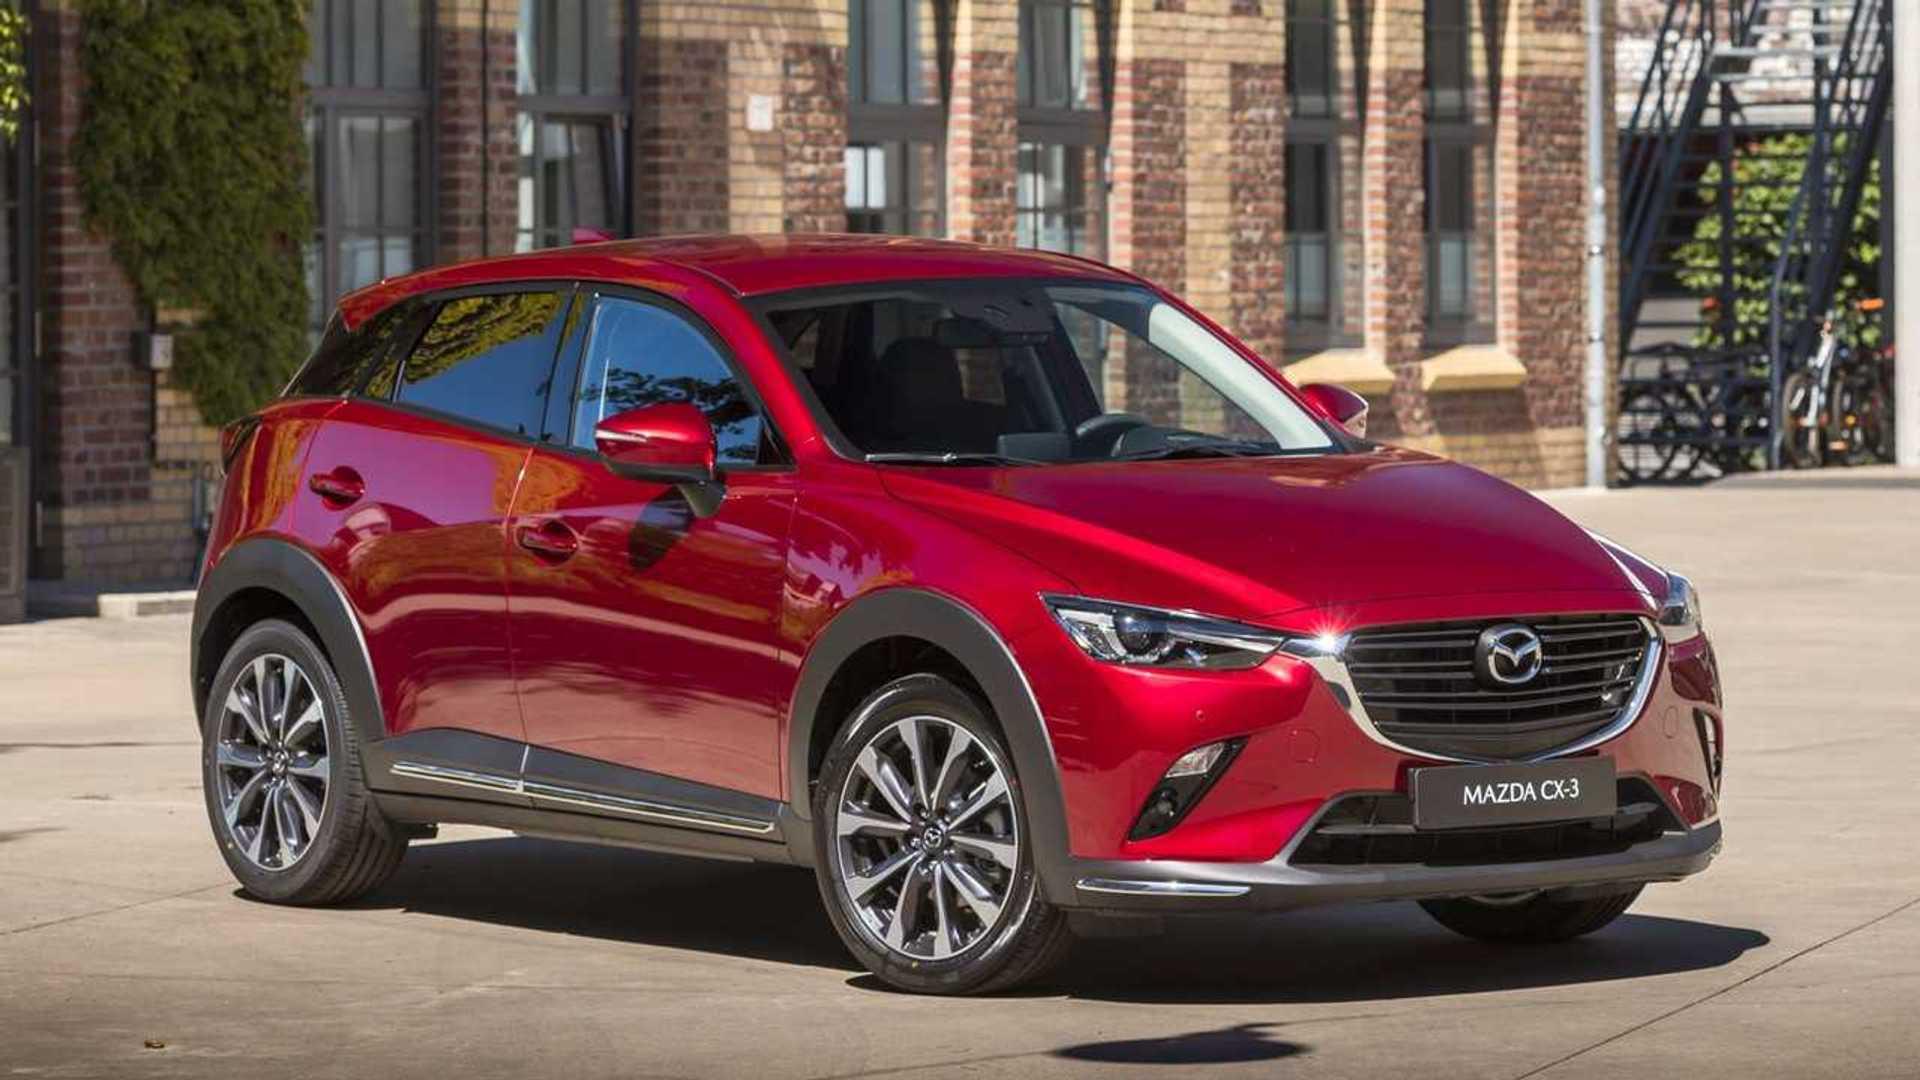 Mazda CX-3 (2021): Nur mehr ein einziger Motor statt dreien